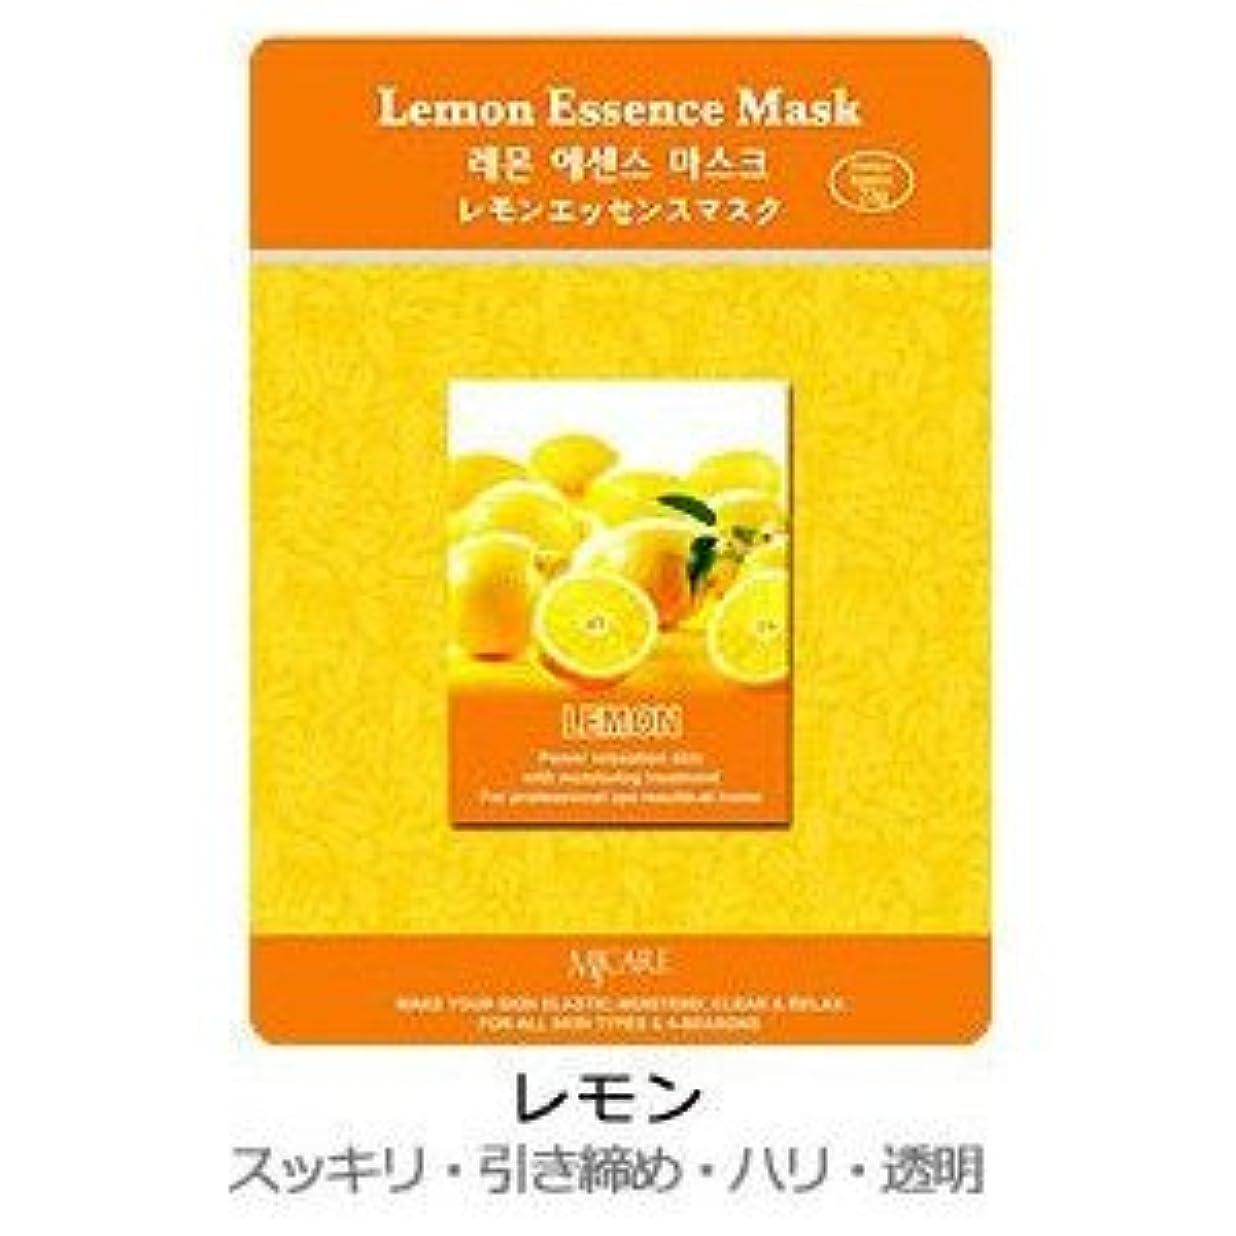 嫌なベイビー占めるMJ-CAREエッセンスマスク レモン10枚セット